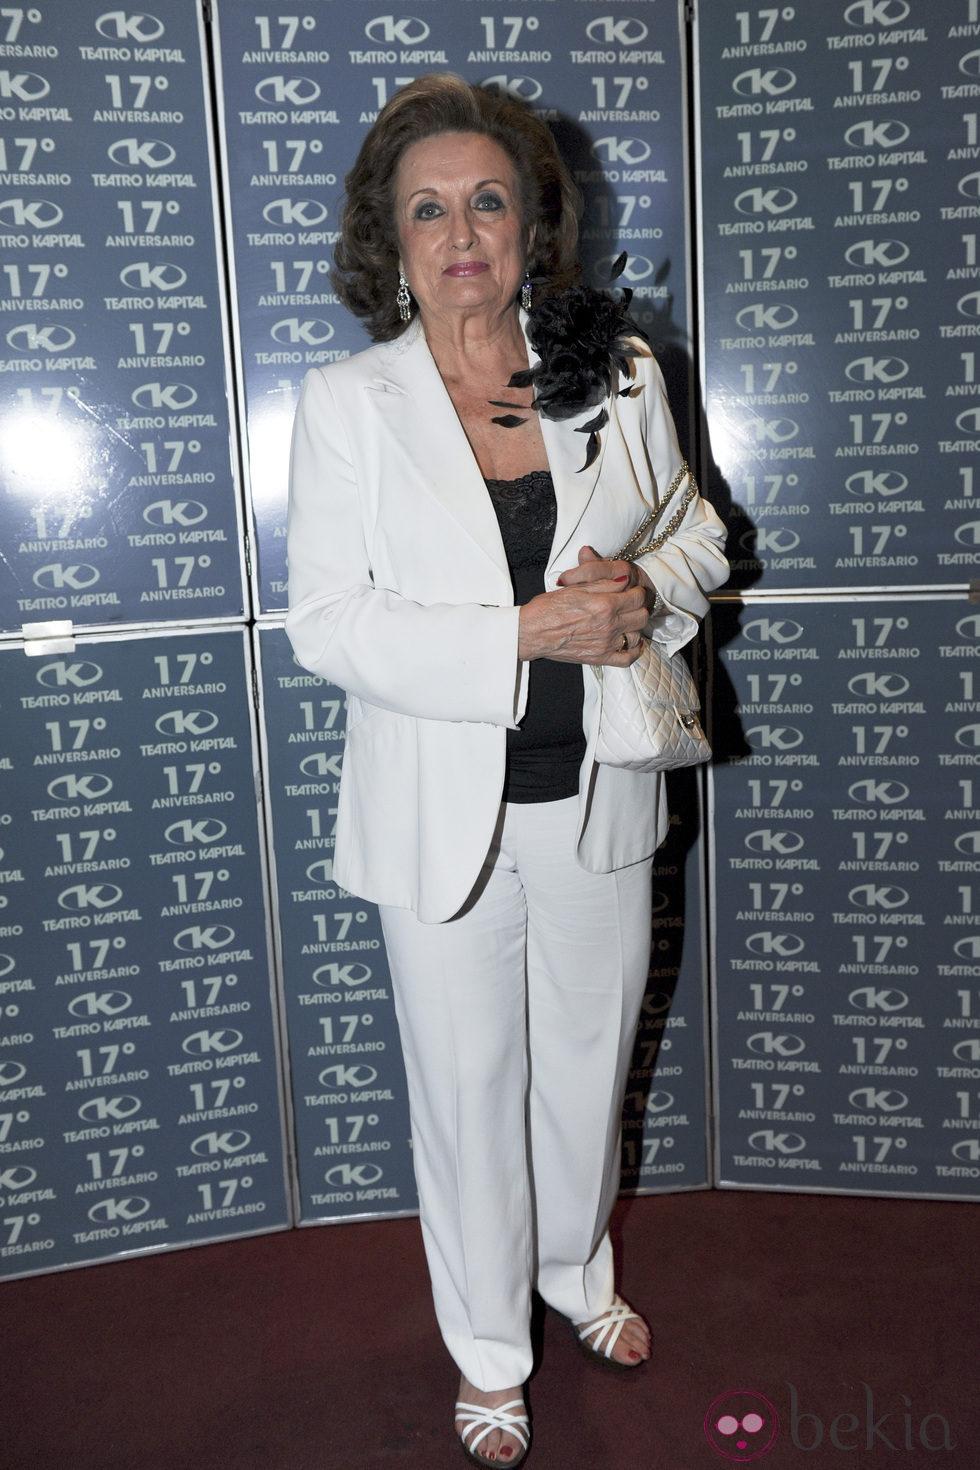 María Ángeles Sanz en la fiesta del 17 aniversario de la discoteca Kapital